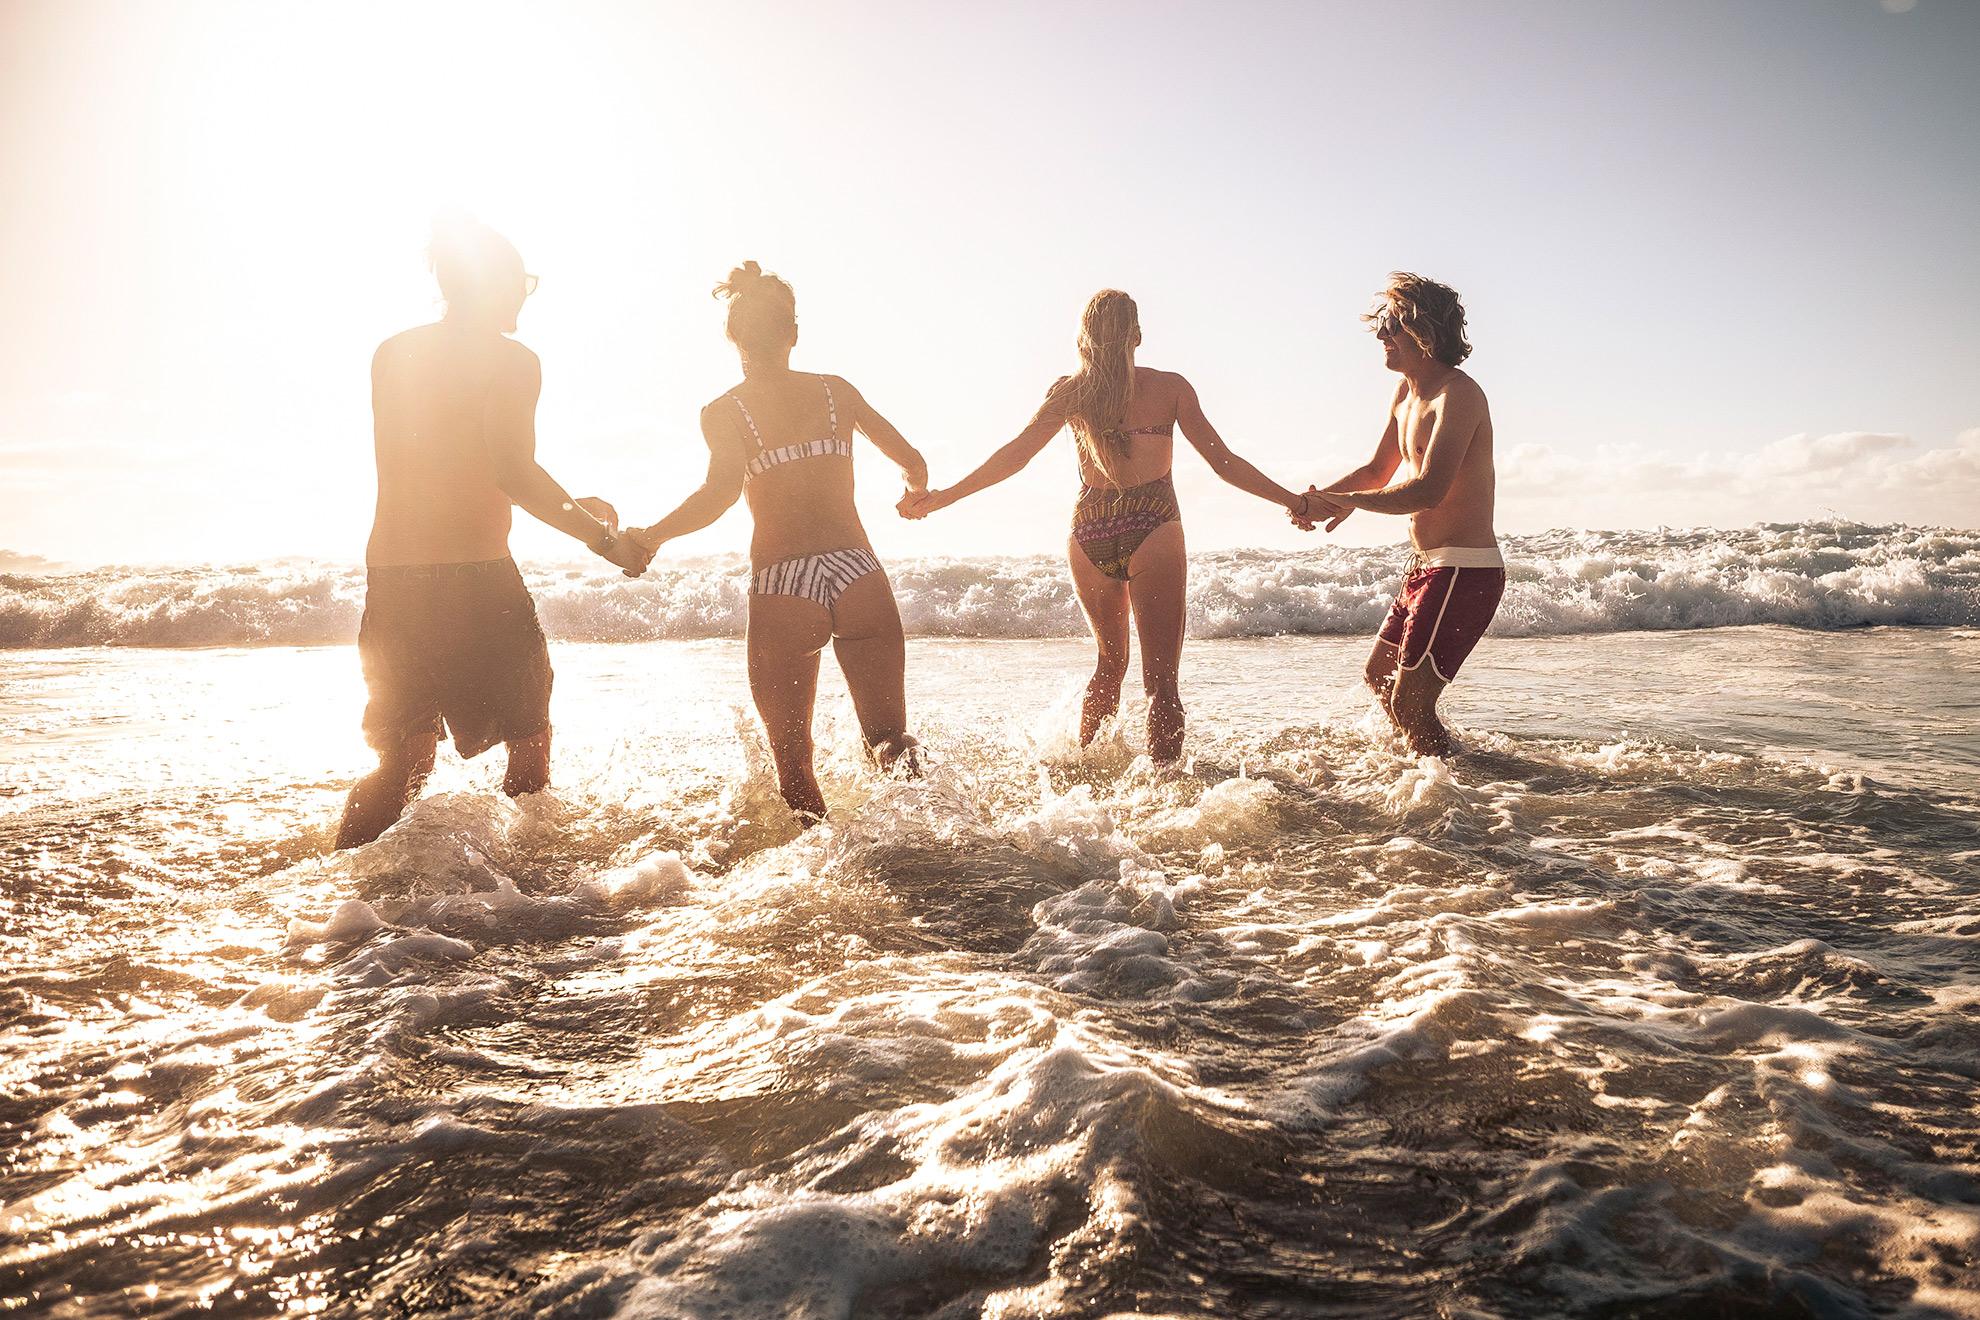 Grupa osób bawiąca się w morzu. ilustracja do artykułu o WAGs